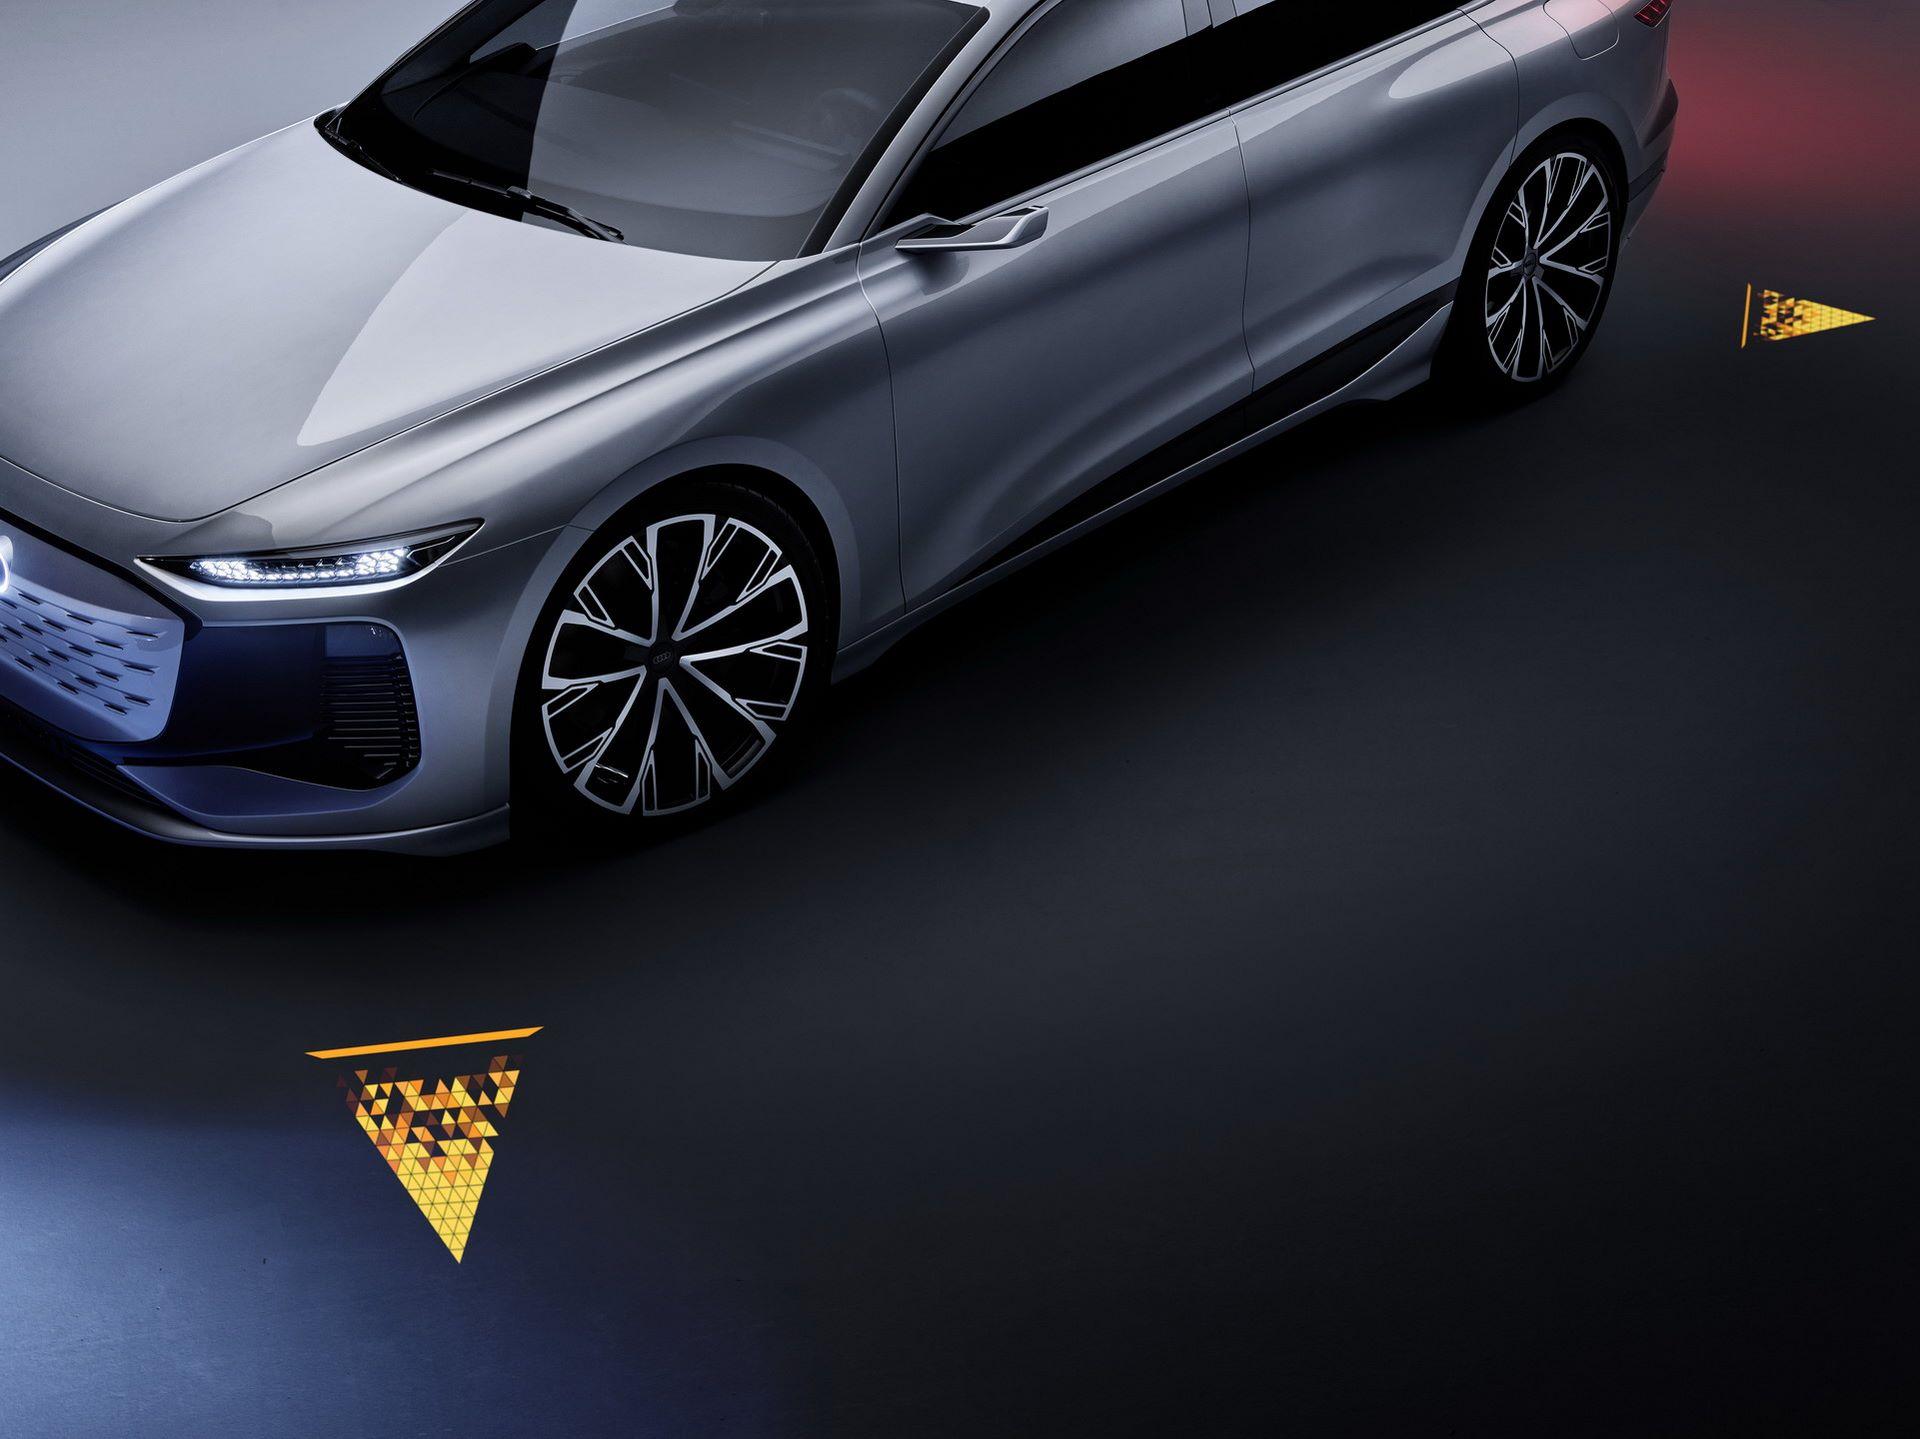 Audi-A6-e-tron-concept-41